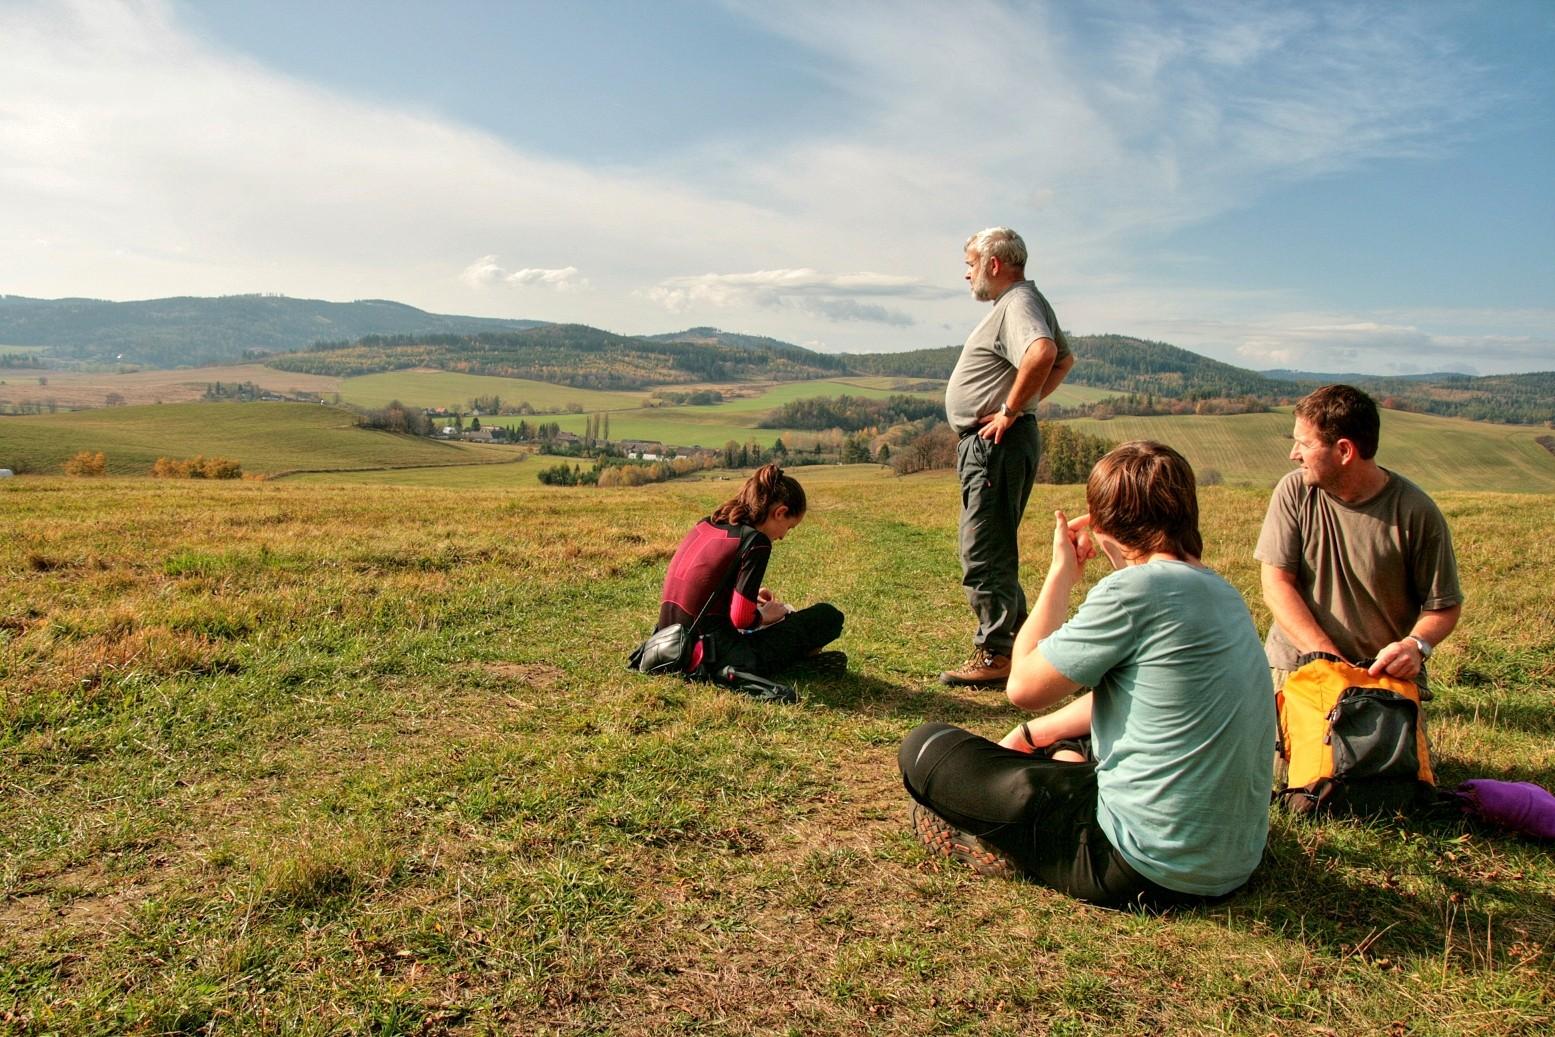 kraj pohádkových rozhledů pro malé i velké turisty